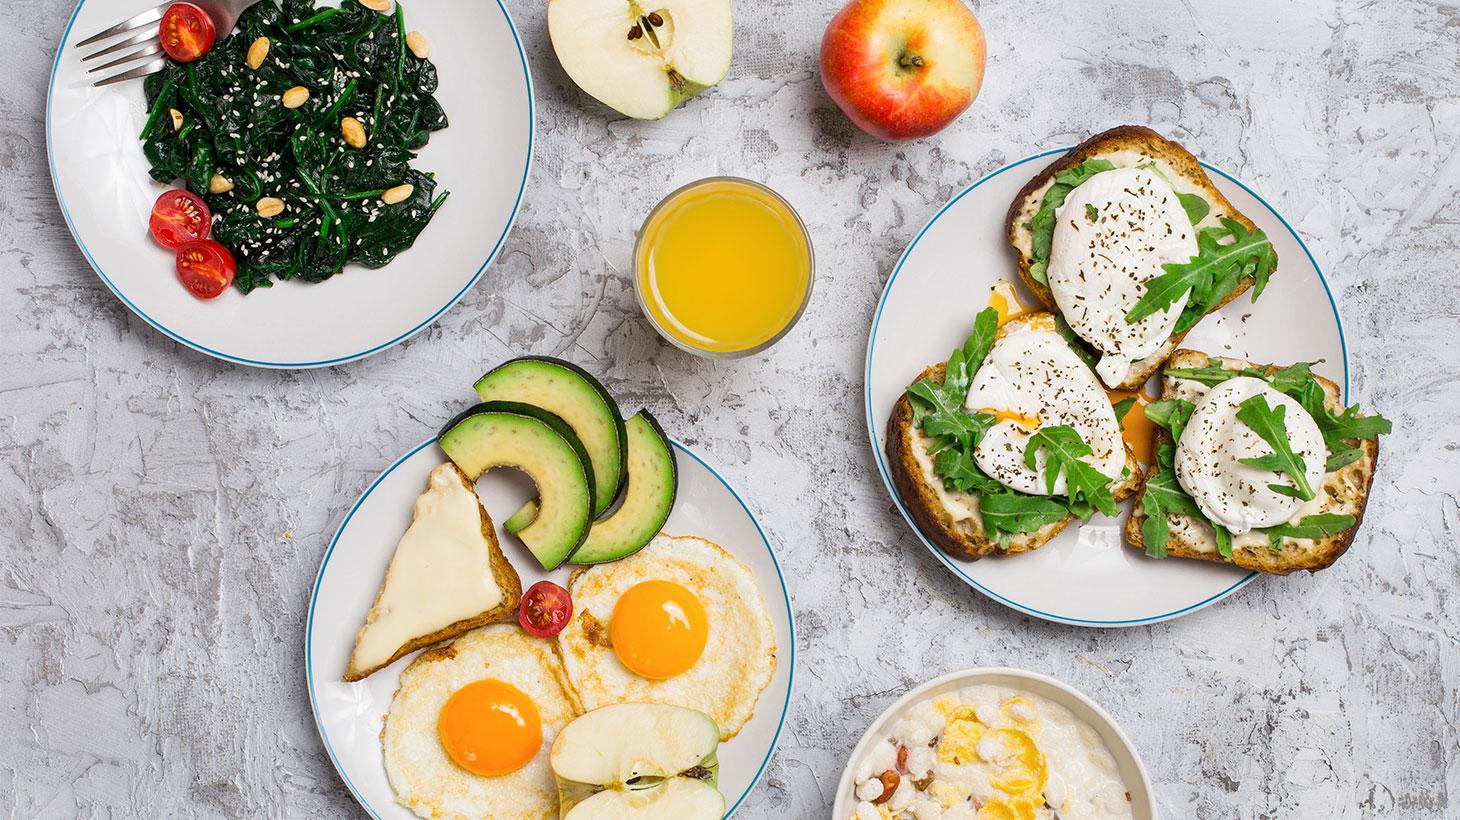 Frühstück deluxe: Unsere Frühstücksfavoriten